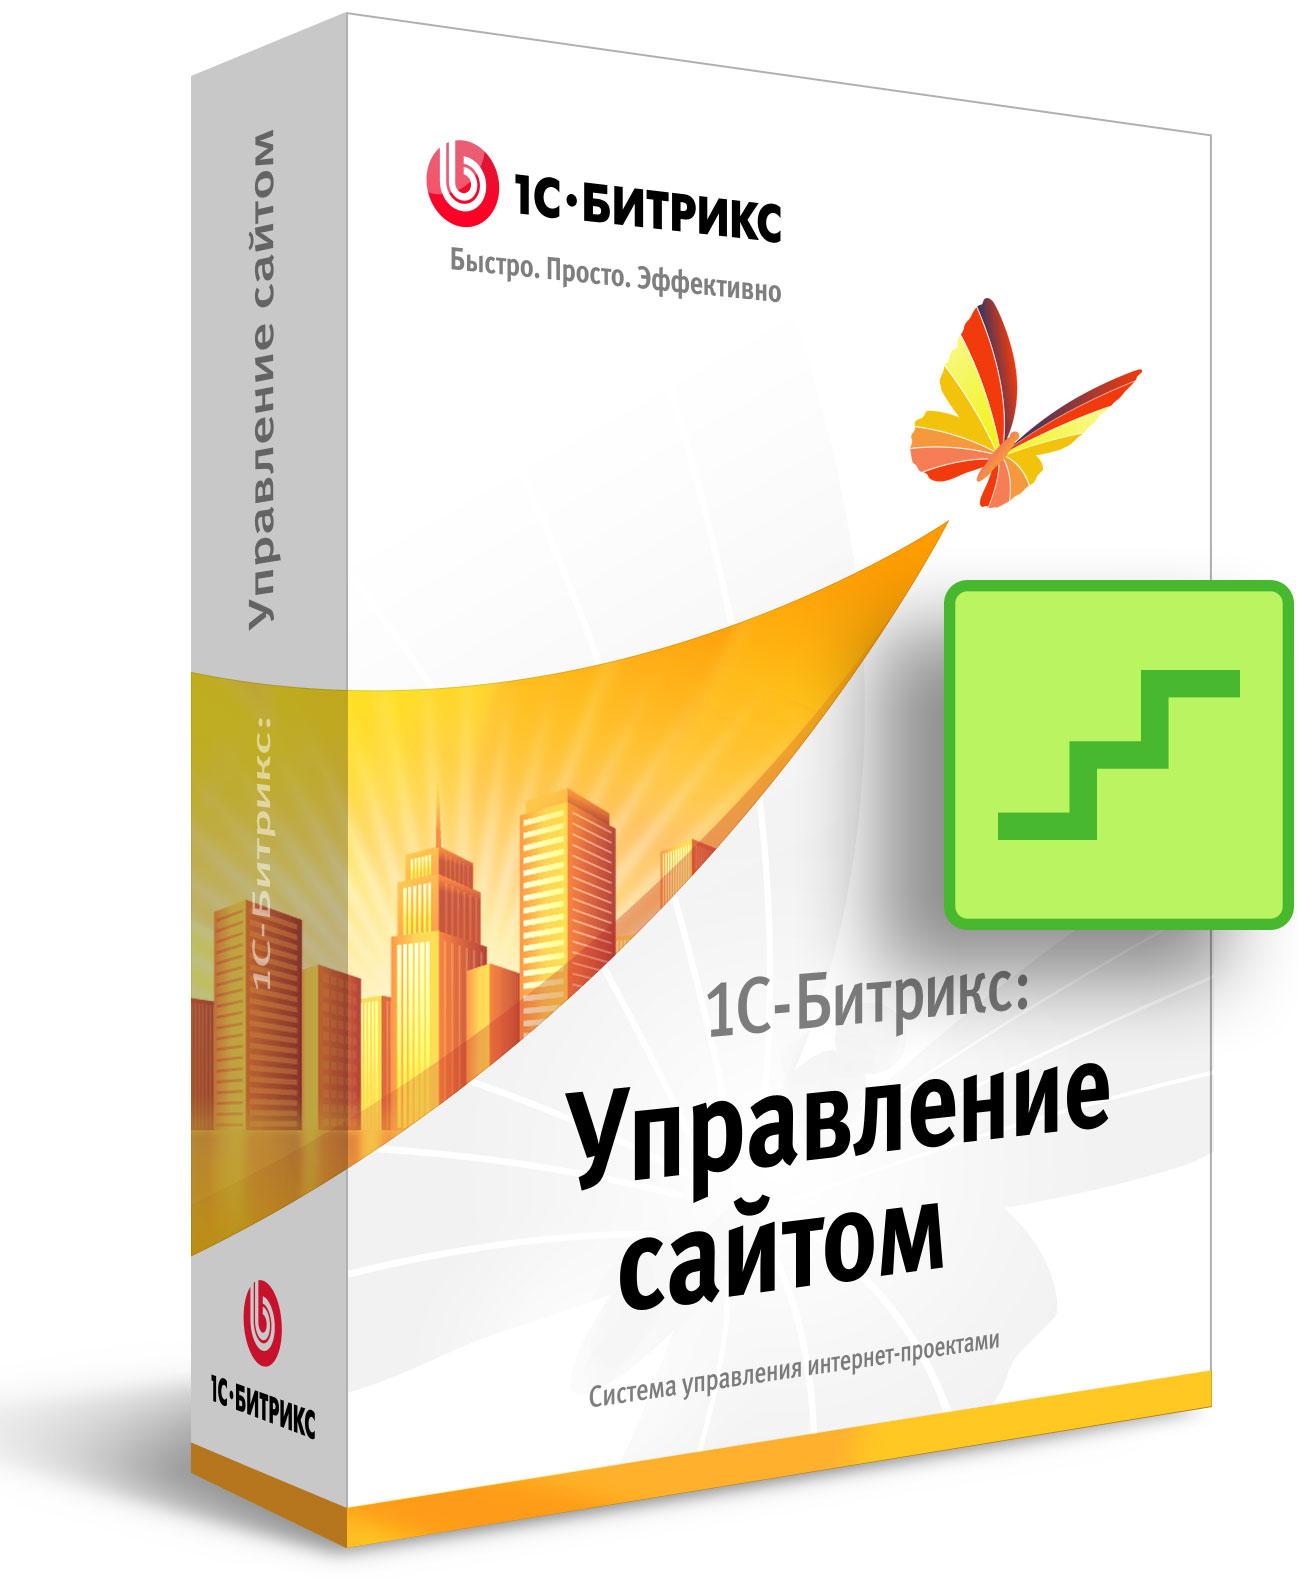 Редакция битрикс первый сайт crm системы логистические